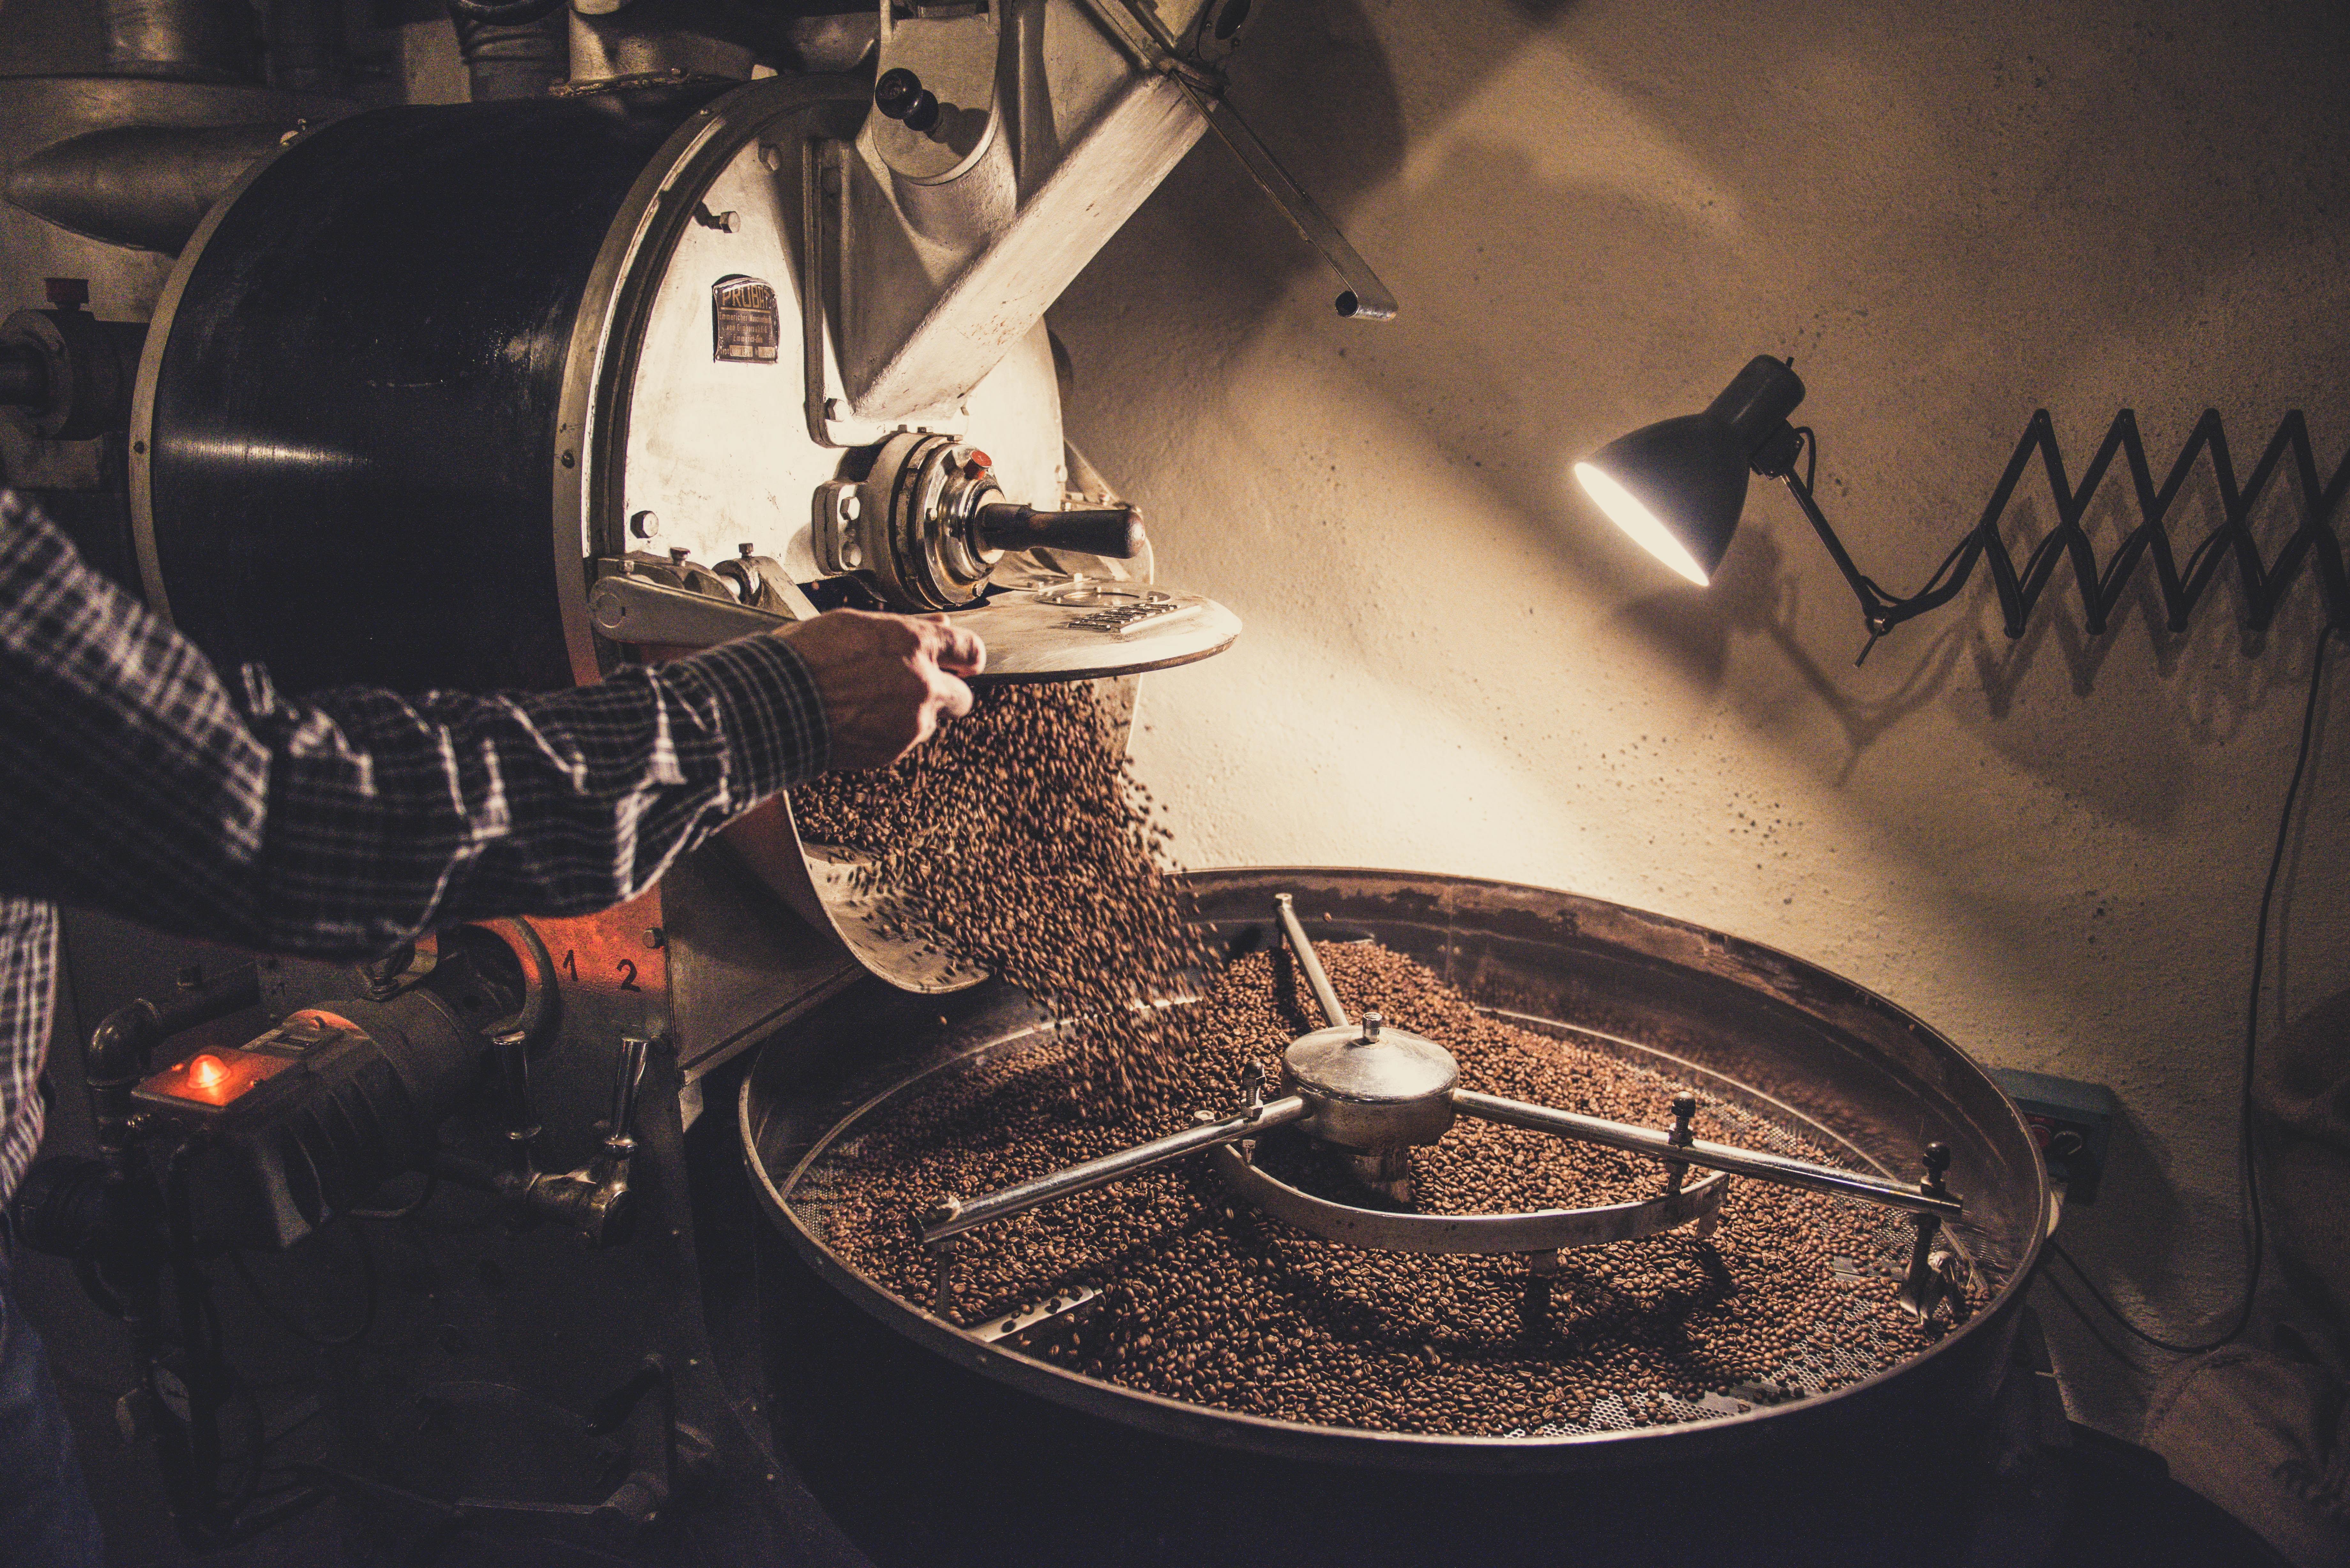 Etiopie_ Pravlast veškerého pěstování kávy